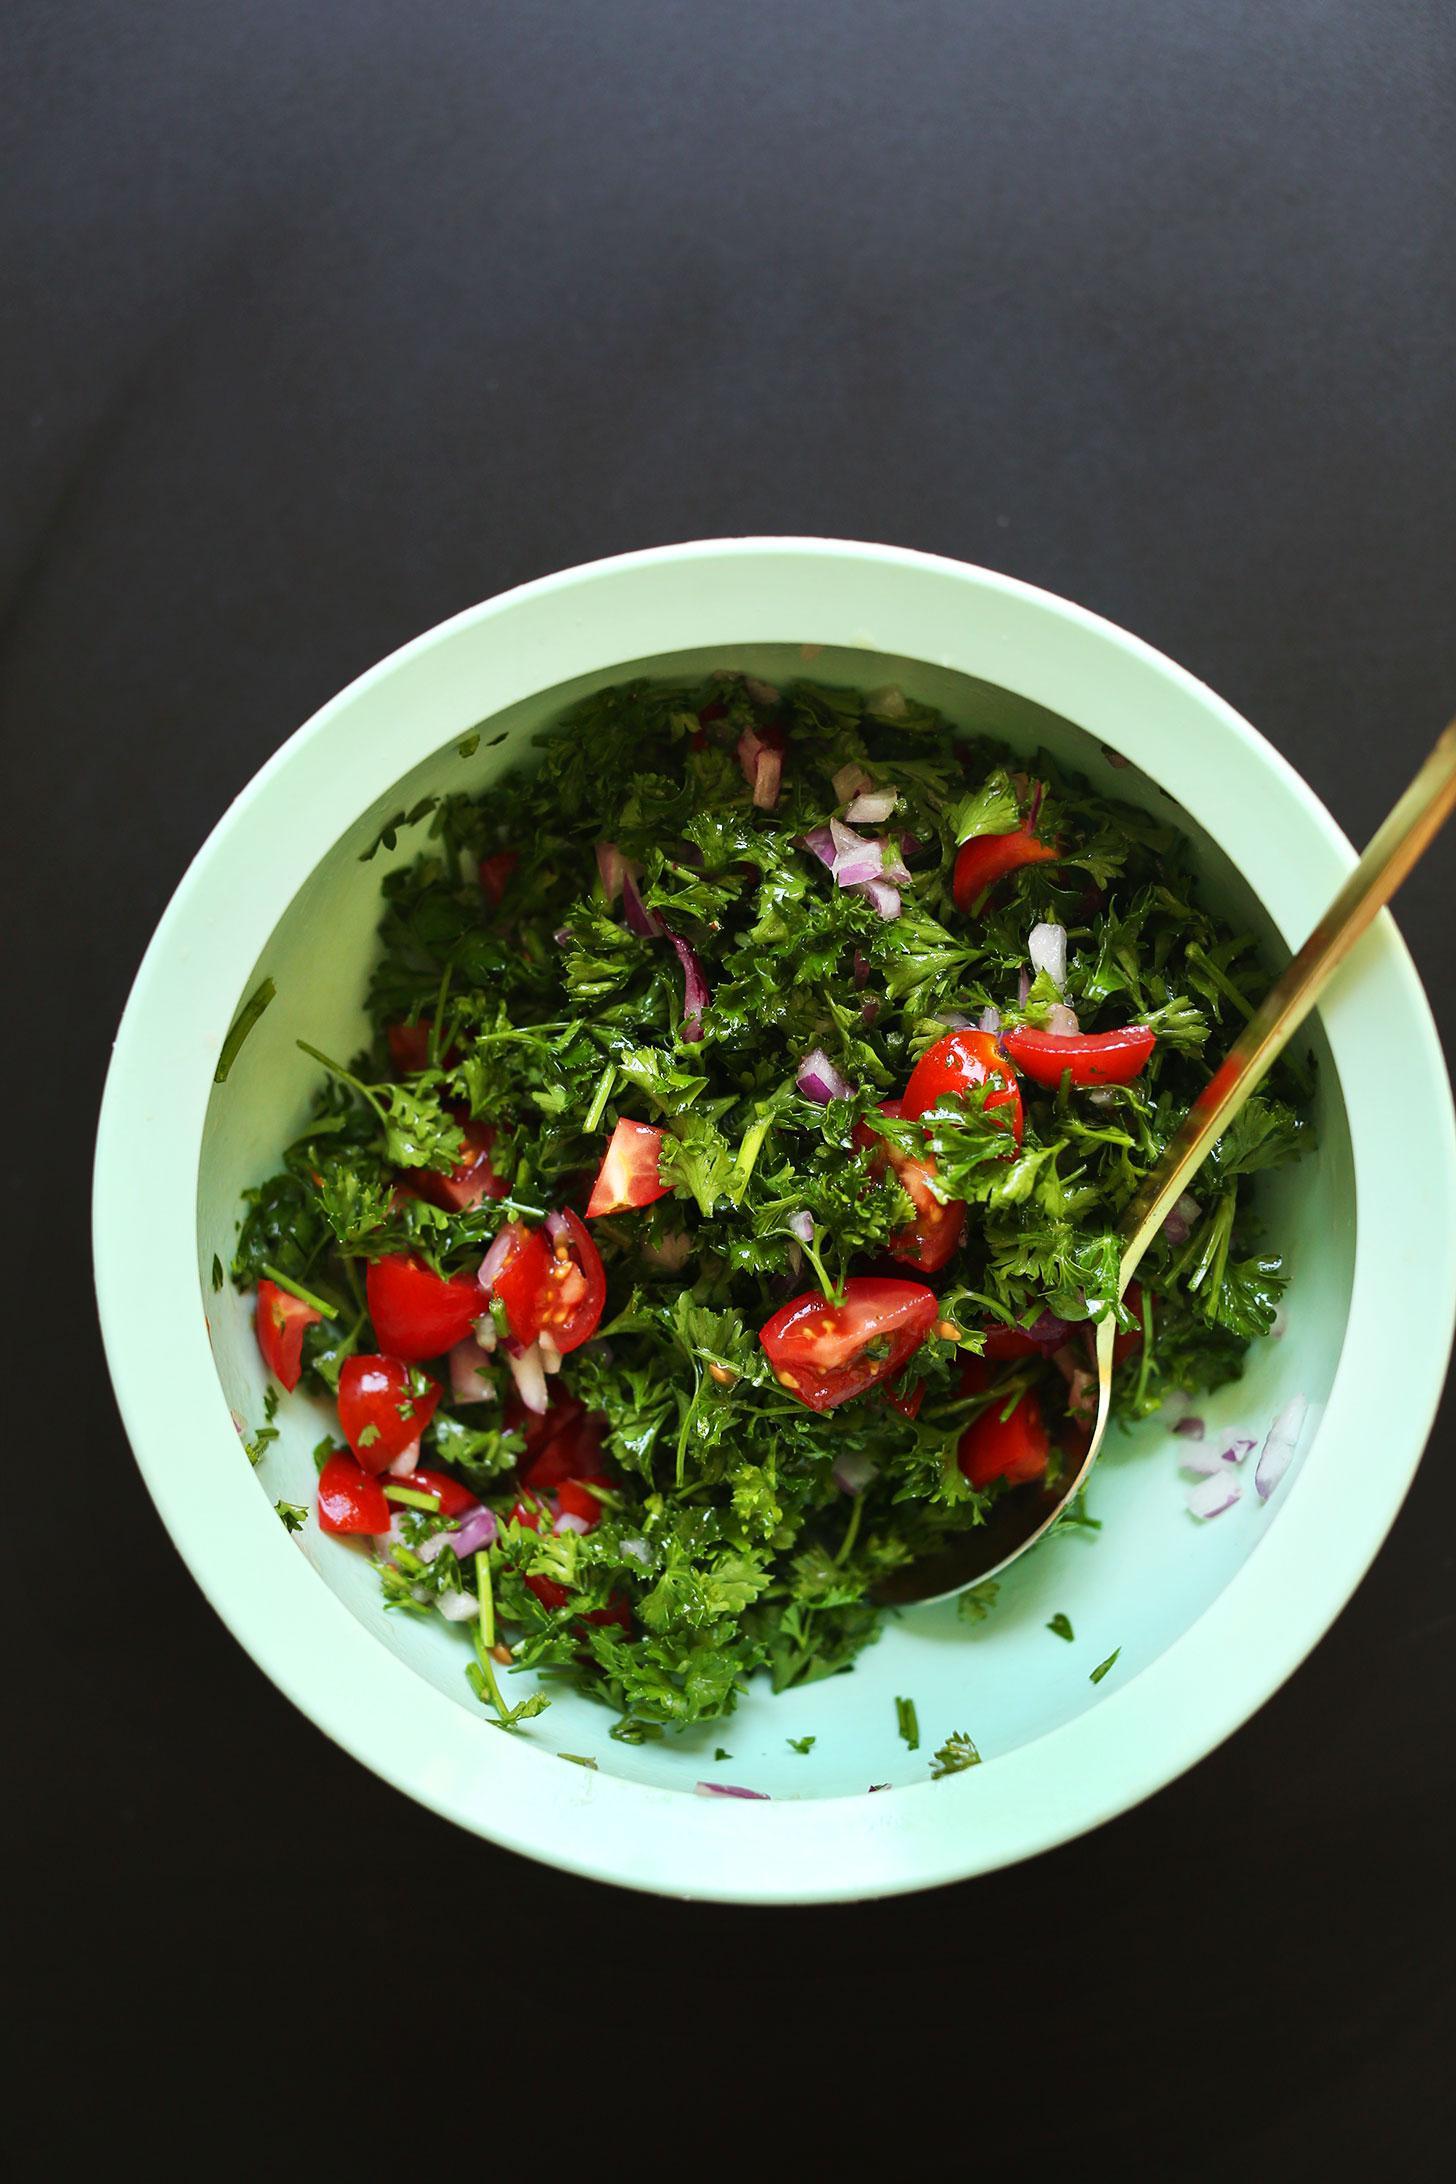 1Средиземноморская тарелка с зеленью, фалафелем и разнообразными соусами